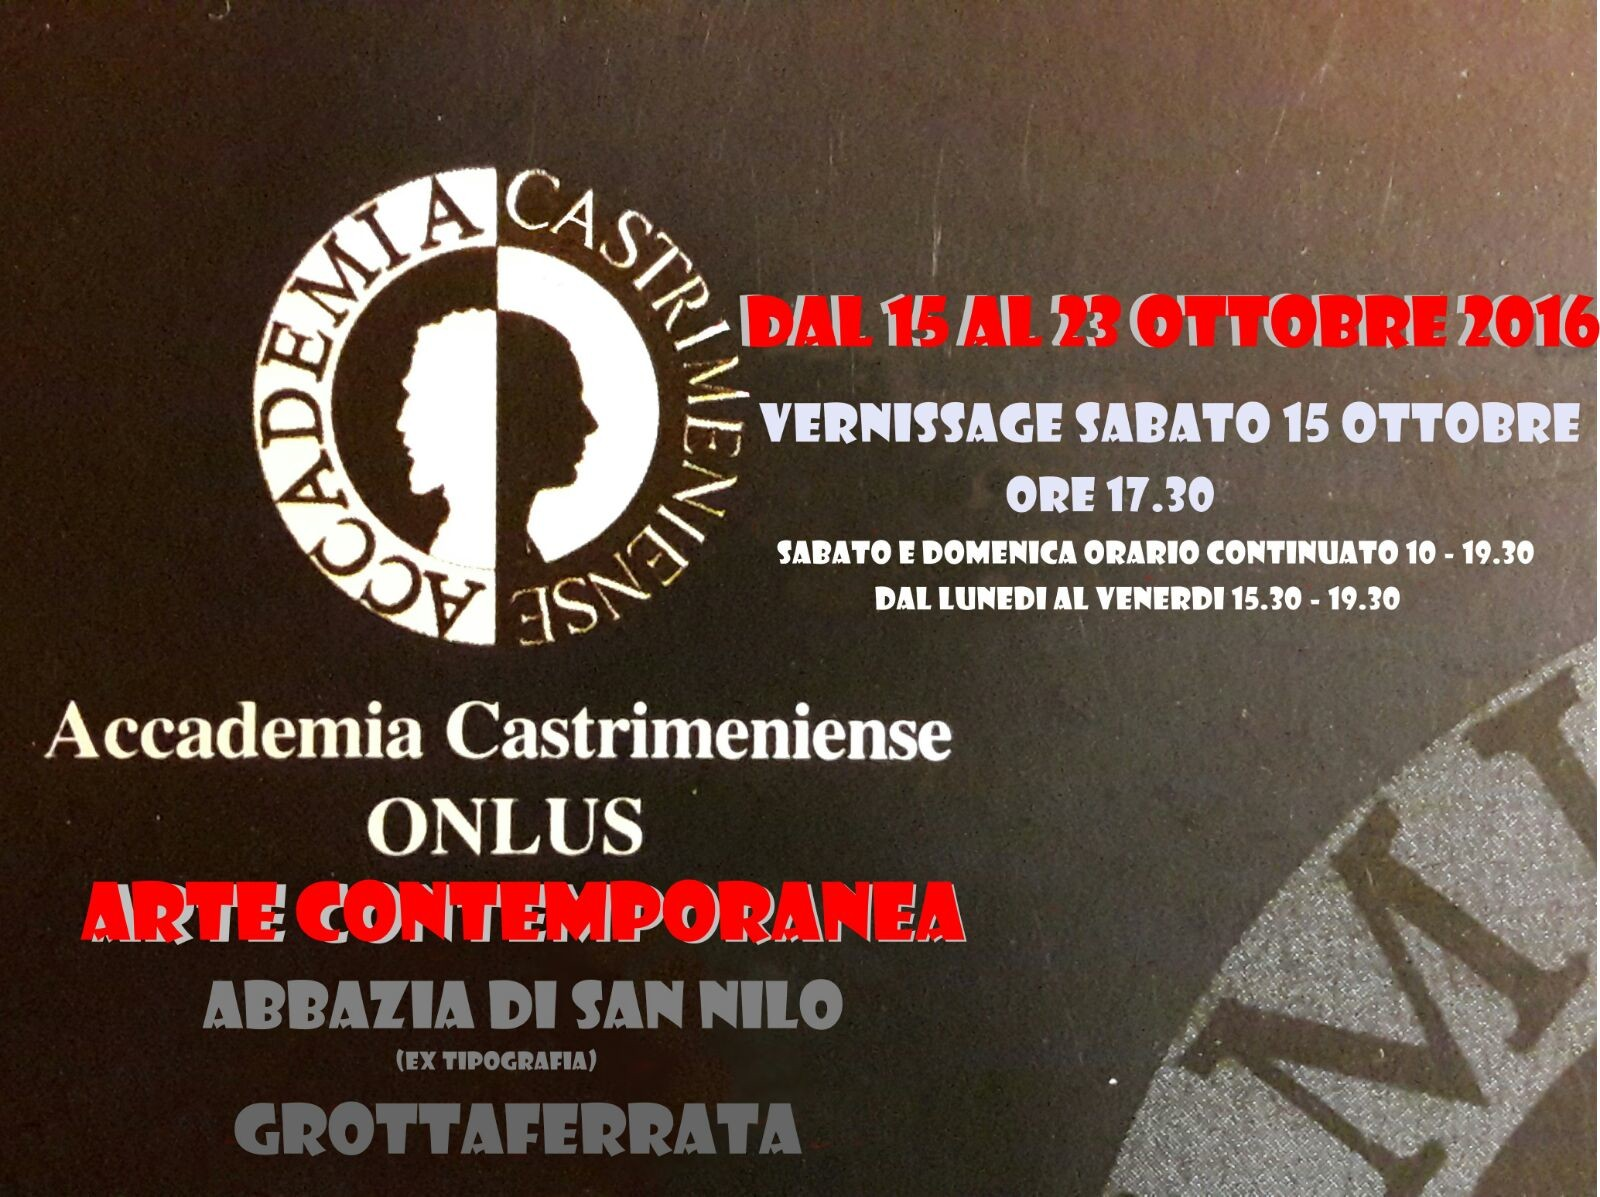 Arte Contemporanea - 15-23 Ottobre 2016 - Abbazia di S. Nilo- Grottaferrata.